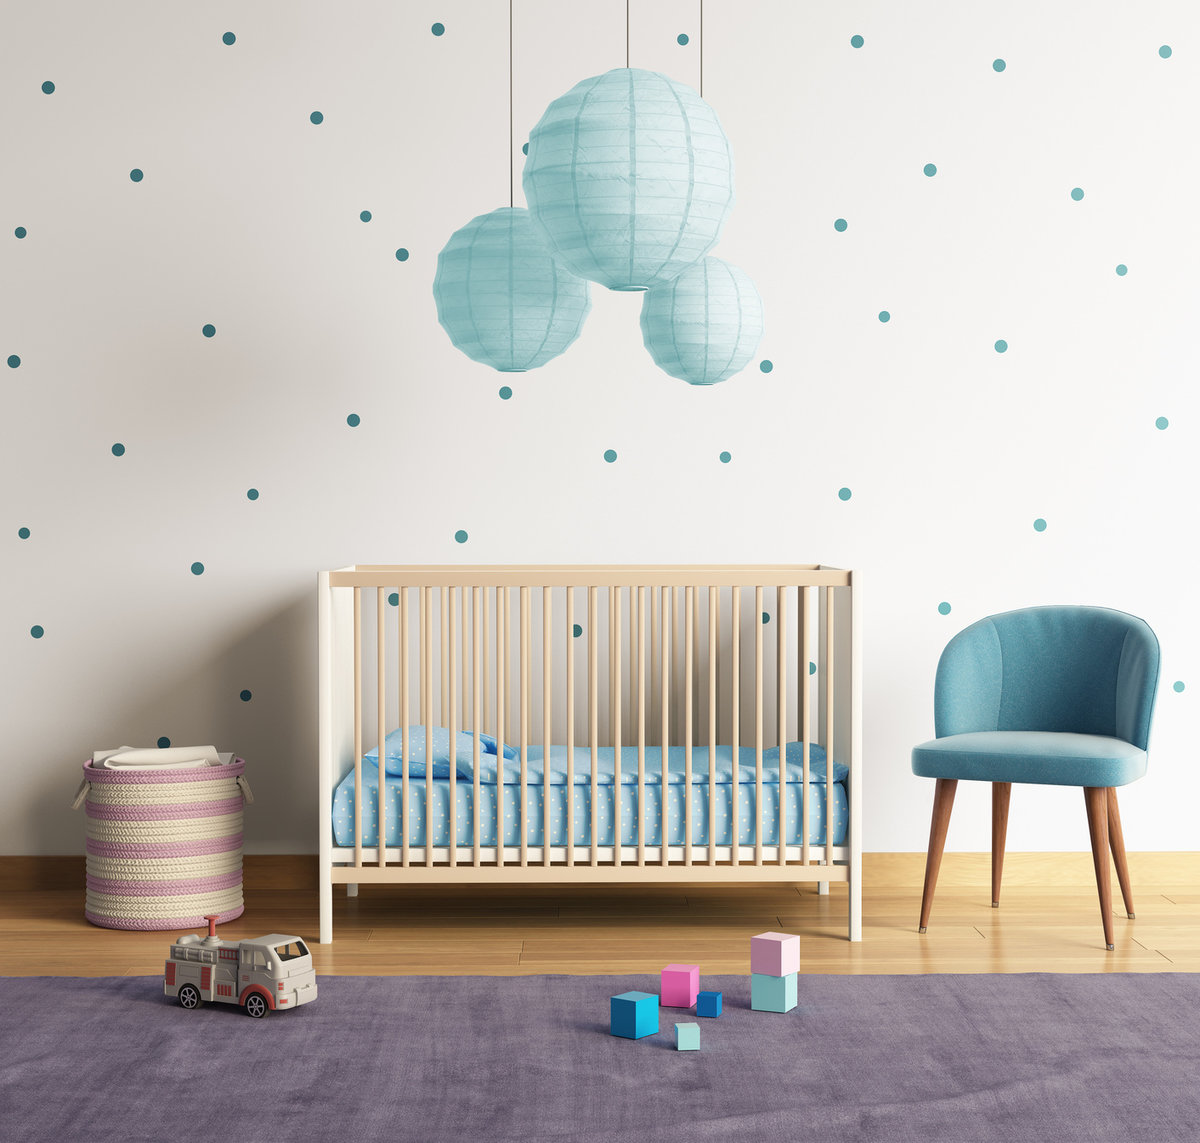 kropki w pokoju dziecięcym